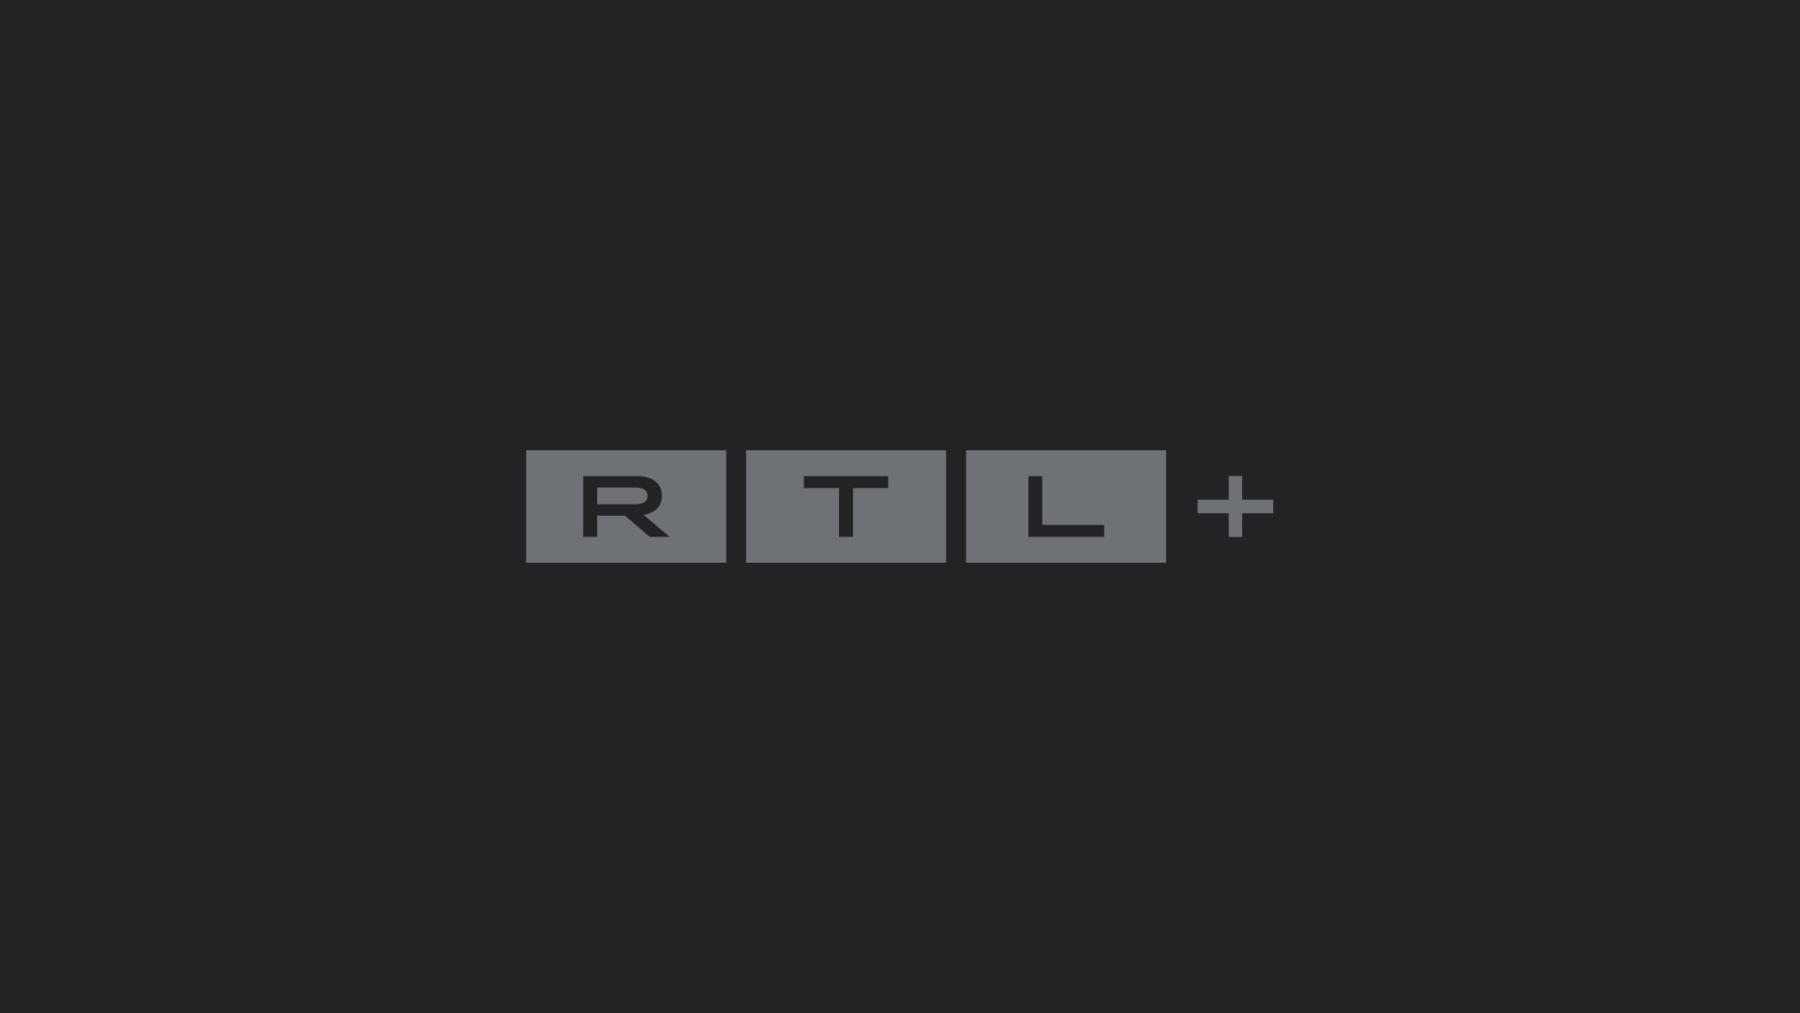 Rettung vor einem explodierenden Wagen